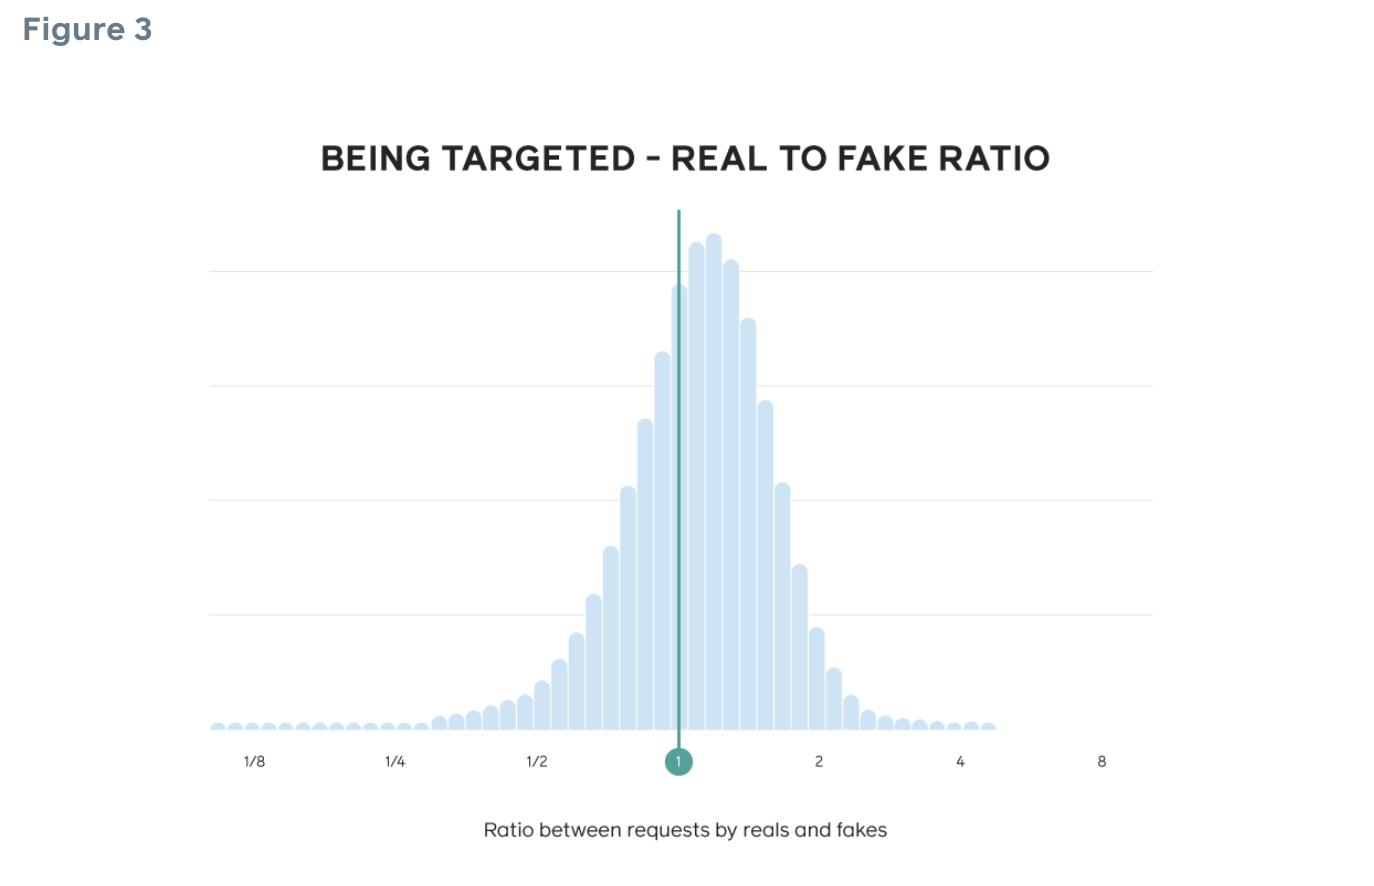 """Imagem: Do Facebook: """"As pessoas do lado > 1 do lote têm mais probabilidade de receber solicitações de pessoas reais, enquanto as pessoas do lado < 1 têm mais chances de receber solicitações de falsificações. Dessa forma, podemos aumentar a probabilidade de o solicitante ser falso ou real com base no alvo do solicitante."""""""